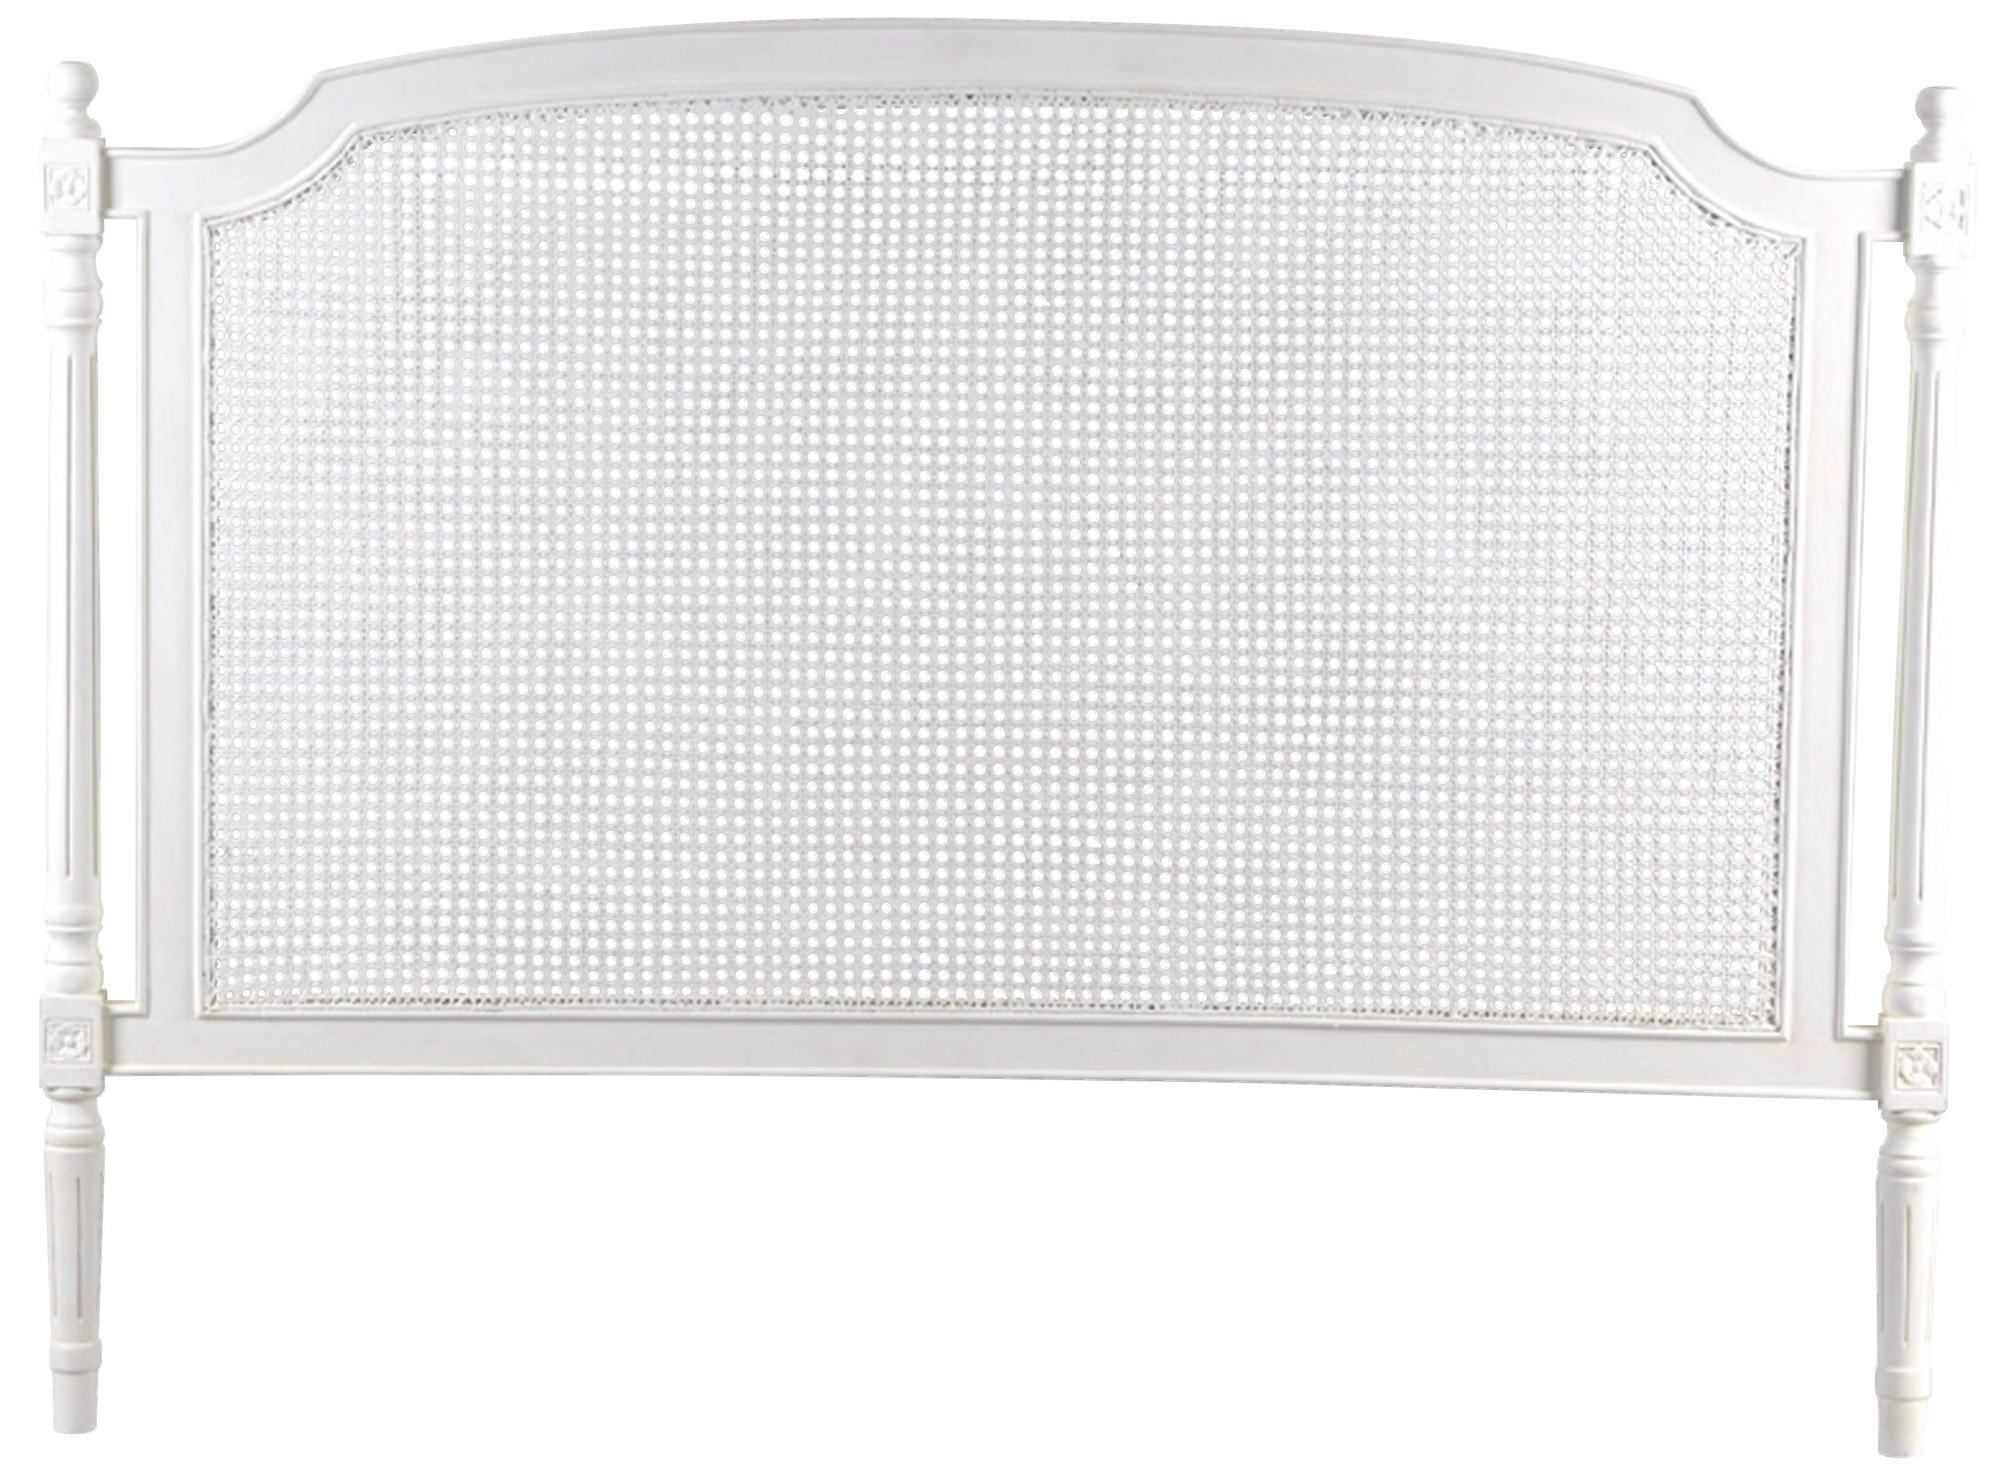 Tête de lit cannée 140 cm en Acajou blanc classique chic Helena L145 x H120  AMADEUS